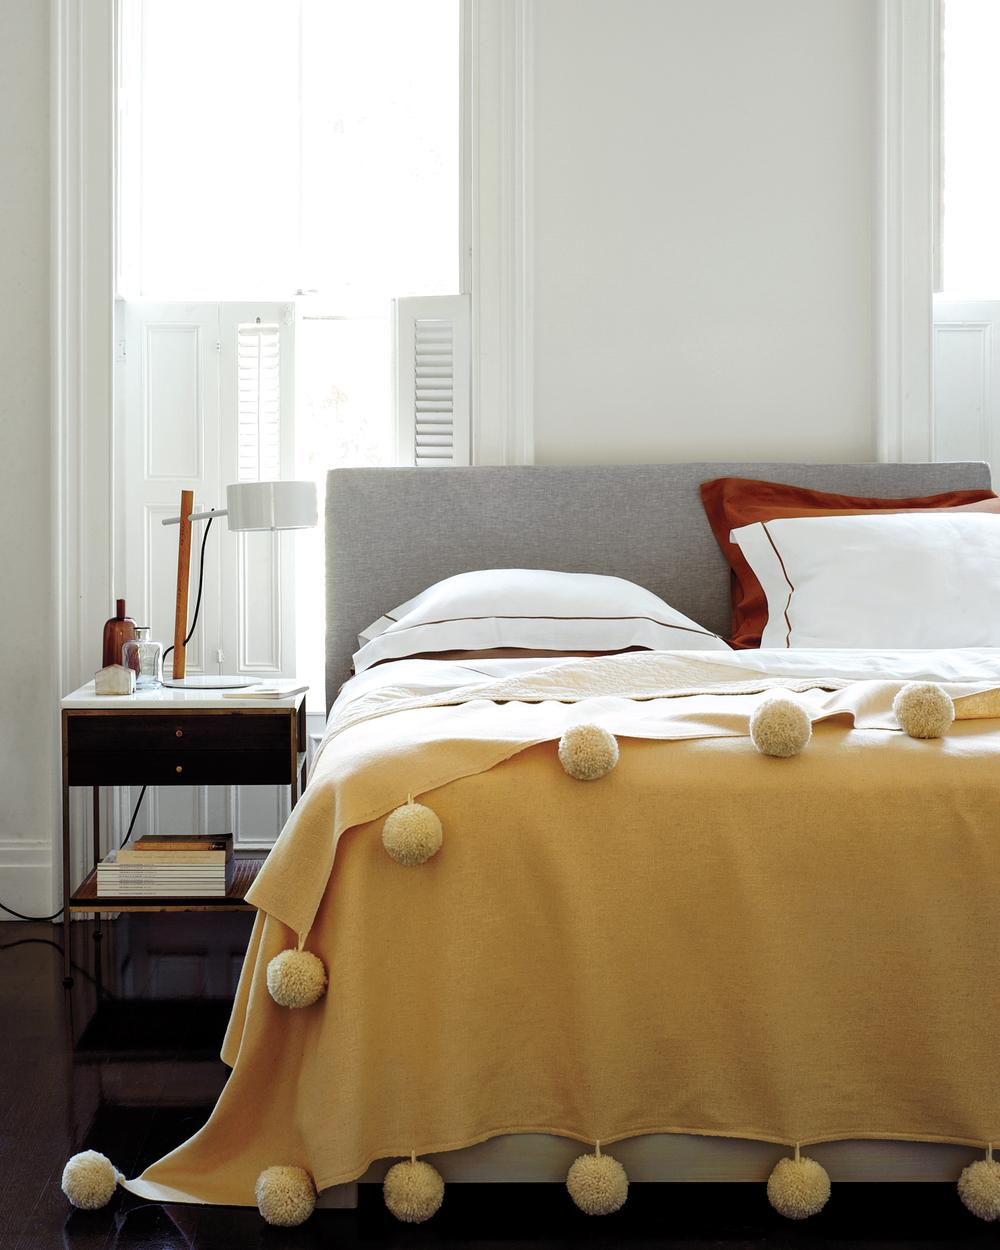 MD108966_Bedroom_069.jpg